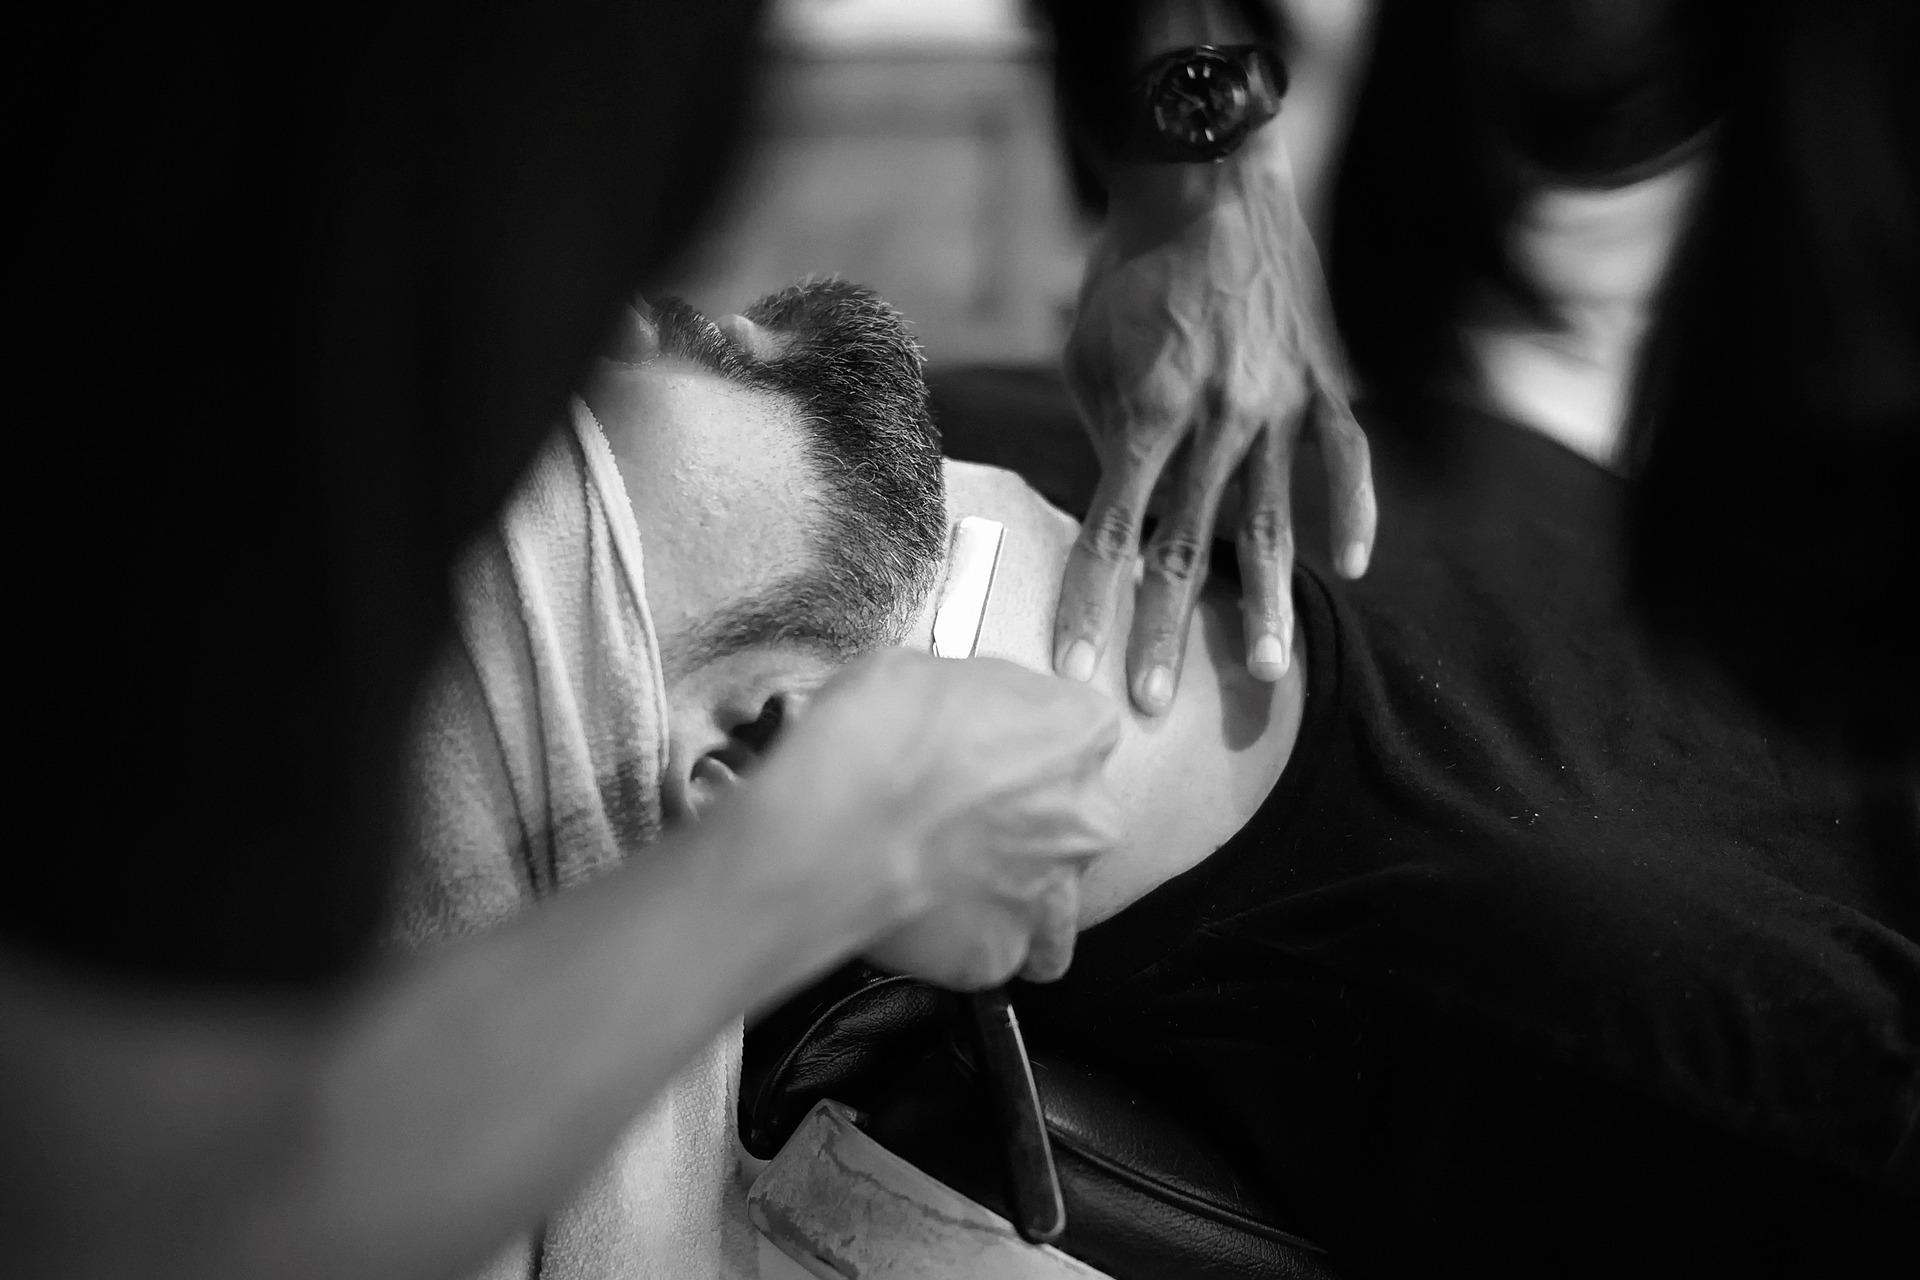 barber-1979440_1920.jpg